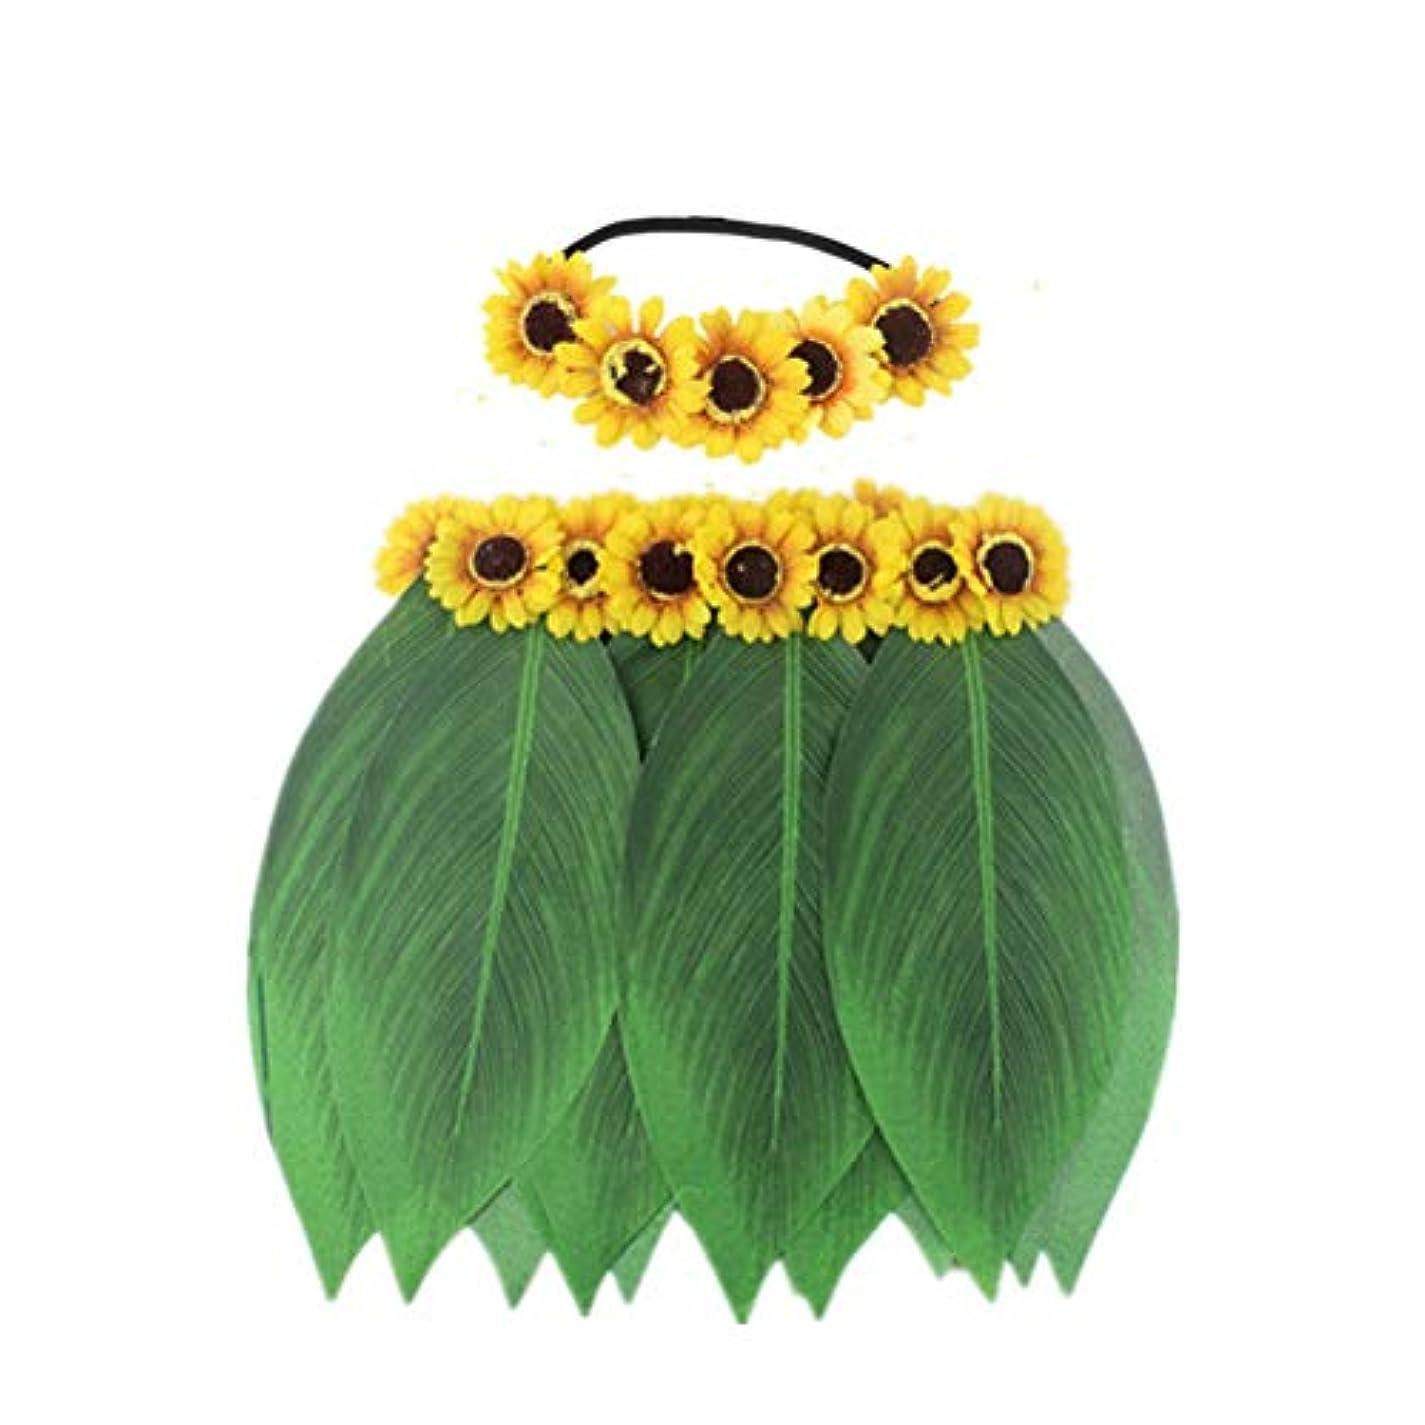 無実ロマンチック抑圧BESTOYARD ルアウパーティーの好意のためのハワイの熱帯の葉のスカートとひまわりのヘッドバンドパーティーコスチューム